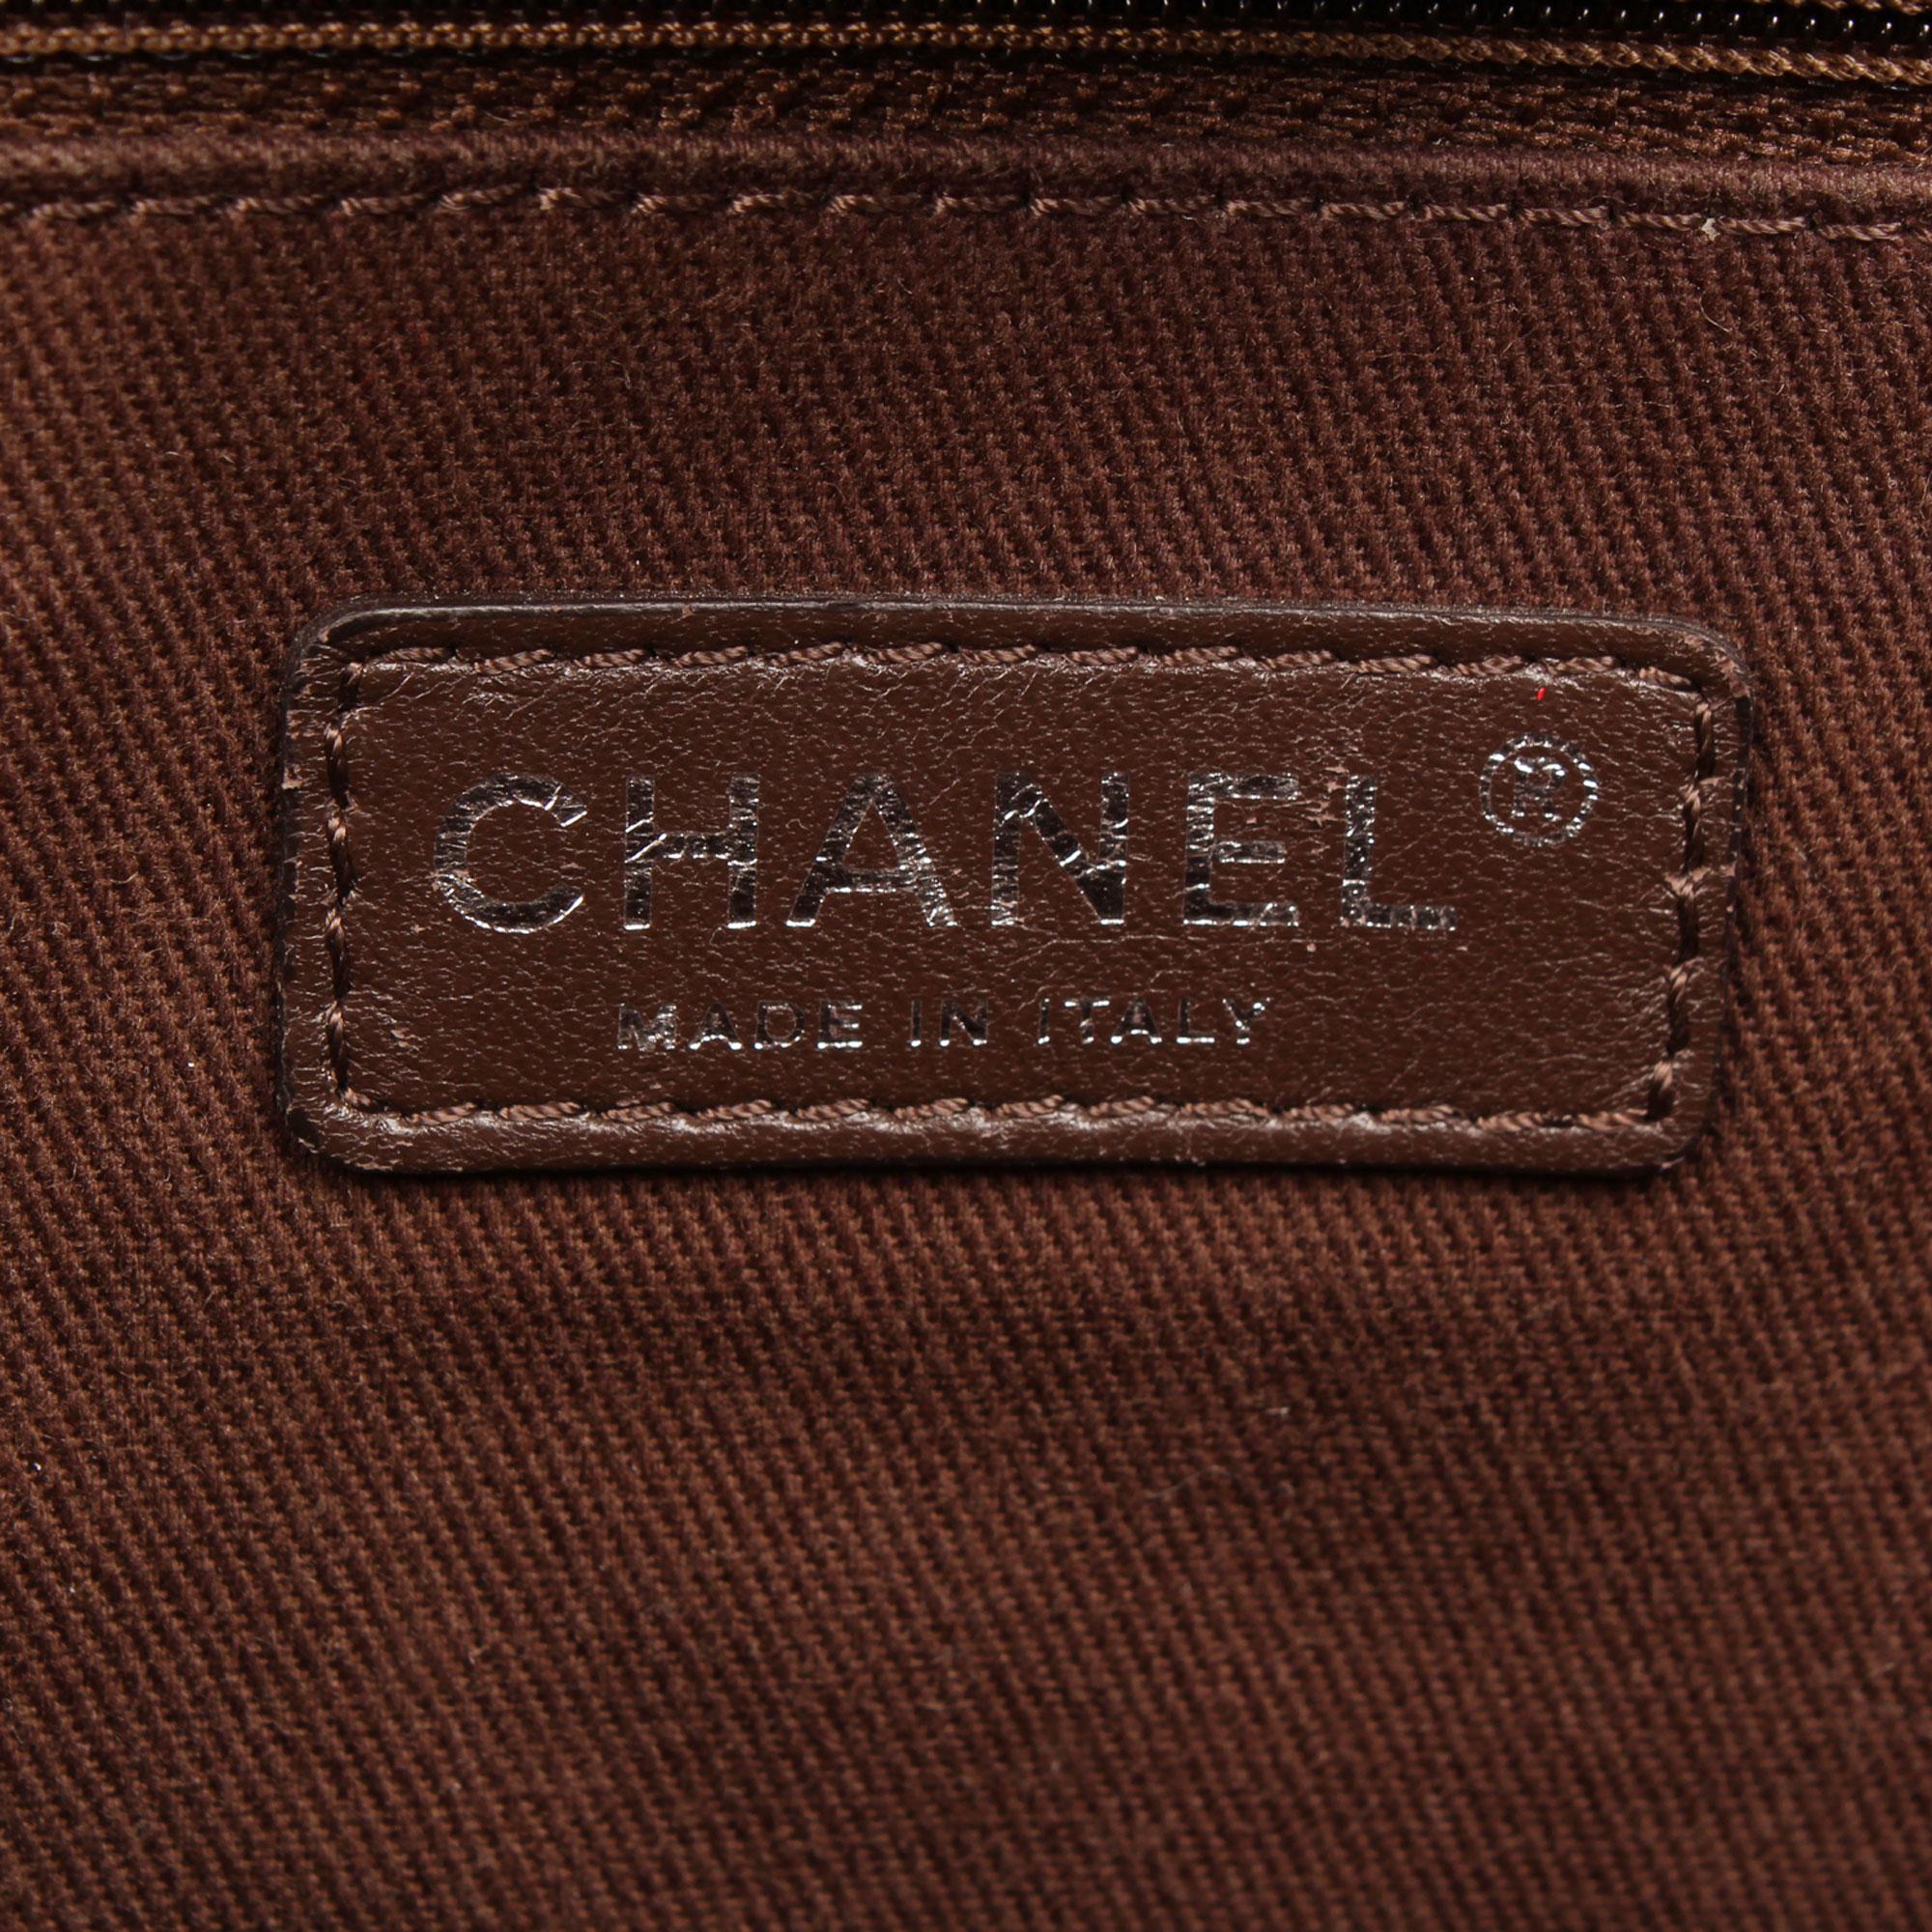 Imagen de la etiqueta del bolso chanel ecru deauville tote